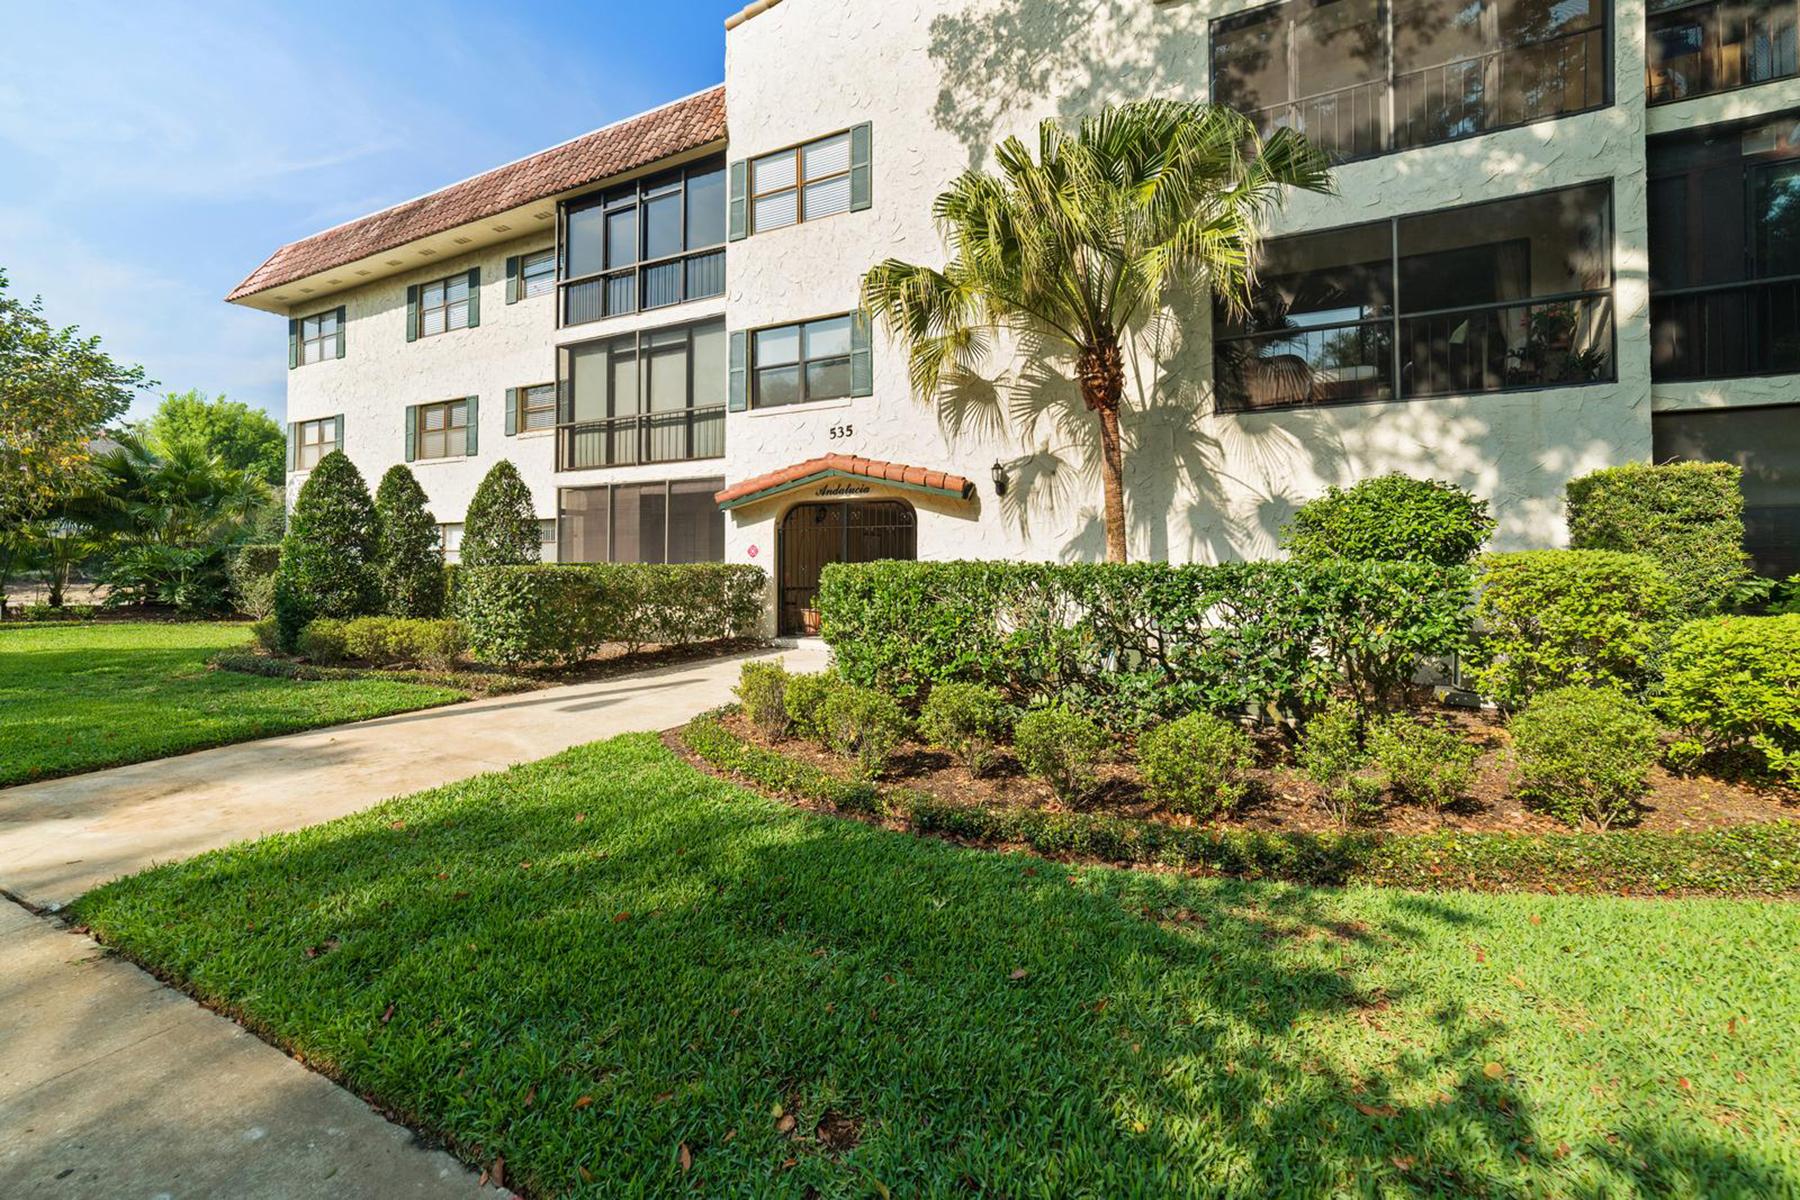 Appartement en copropriété pour l à vendre à 535 N Interlachen Ave , 102, Winter Park, FL 32789 535 N Interlachen Ave 102, Winter Park, Florida, 32789 États-Unis